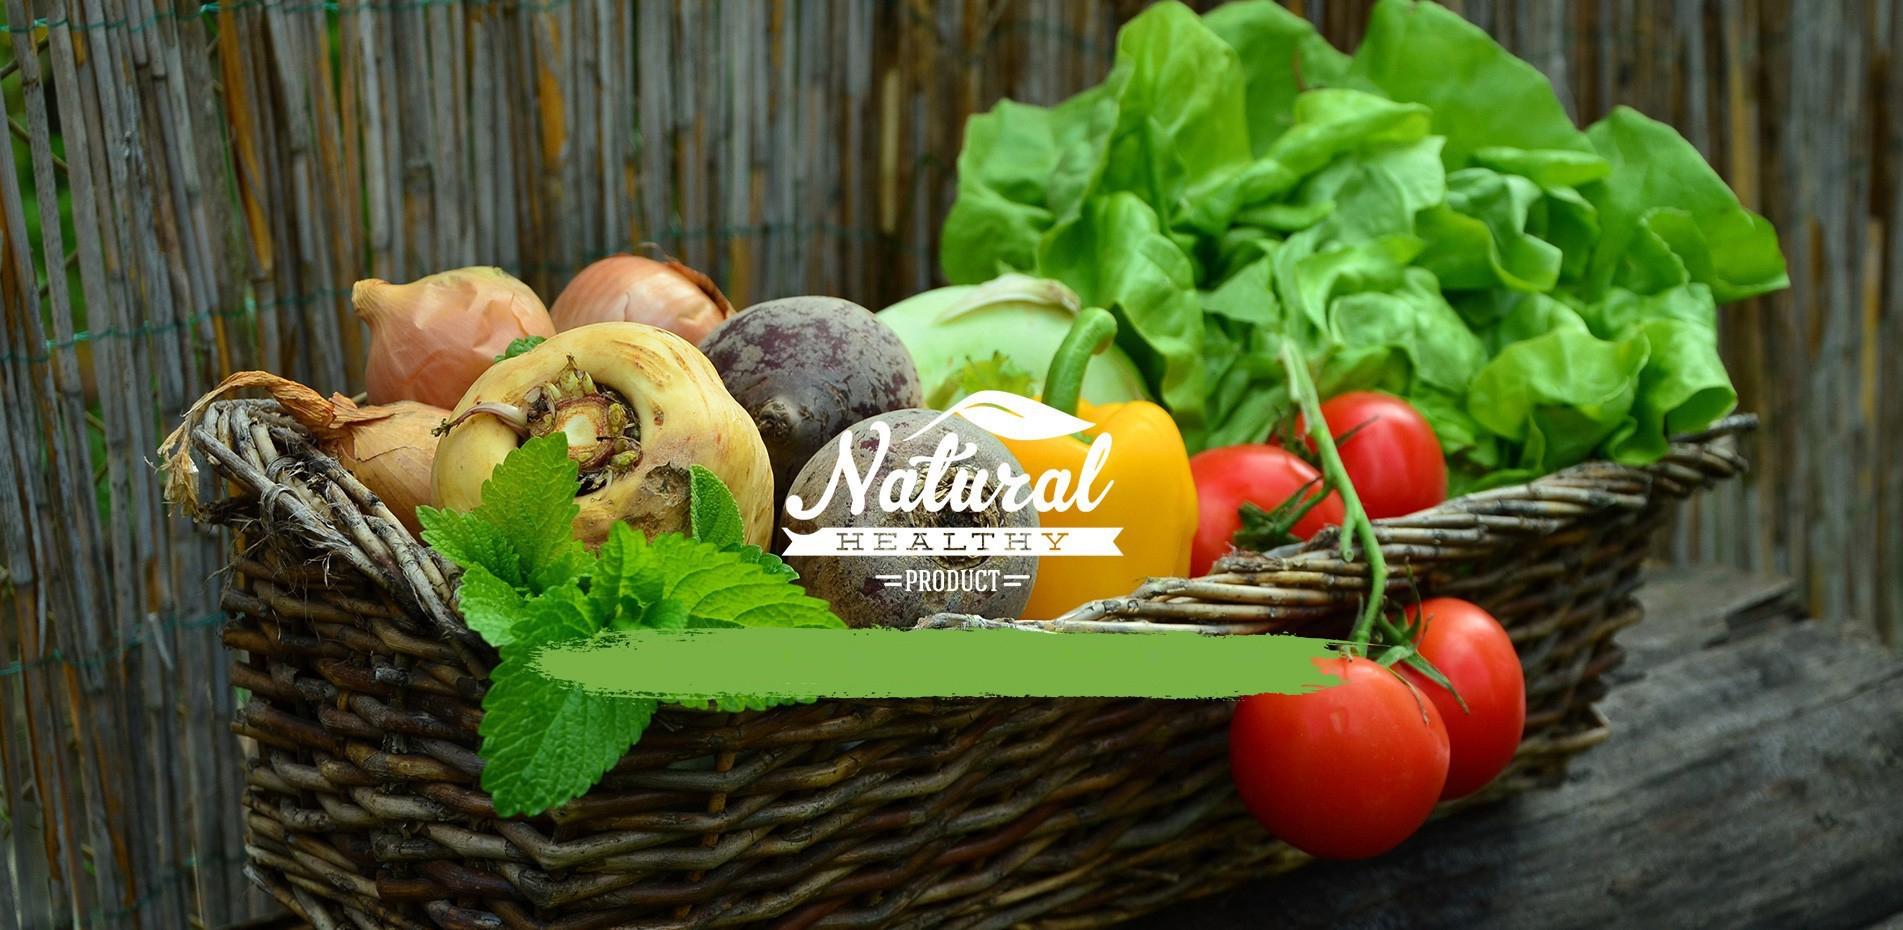 Panier À 20 Euros serapportantà Chanson Sur Les Fruits Et Légumes